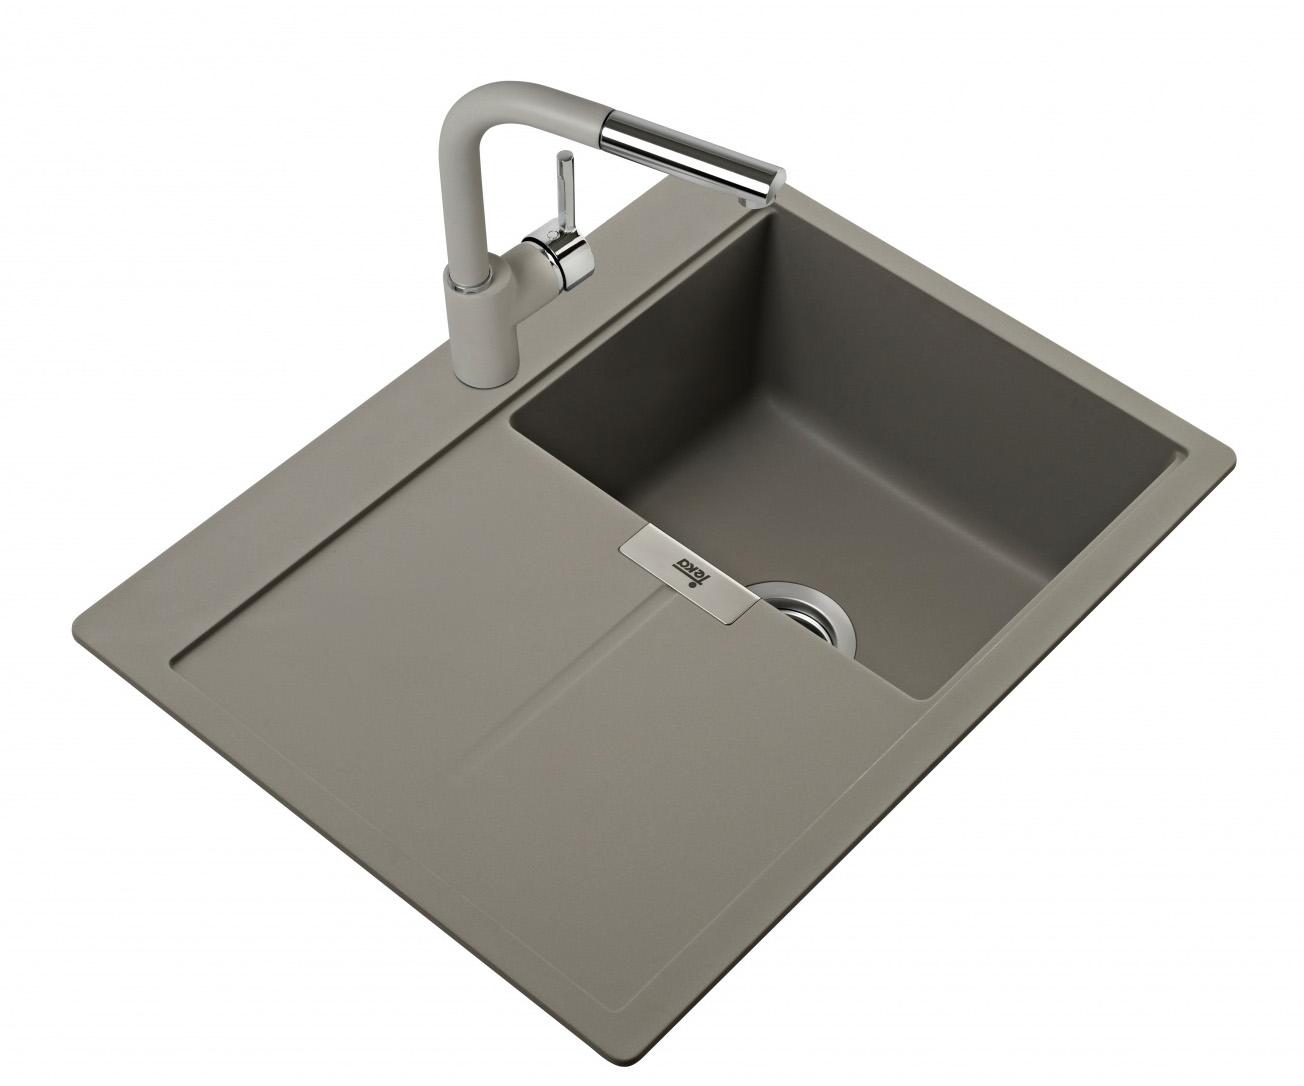 Teka Granit Einbauspüle Spüle Küchenspüle Küchen Becken Spülbecken ...